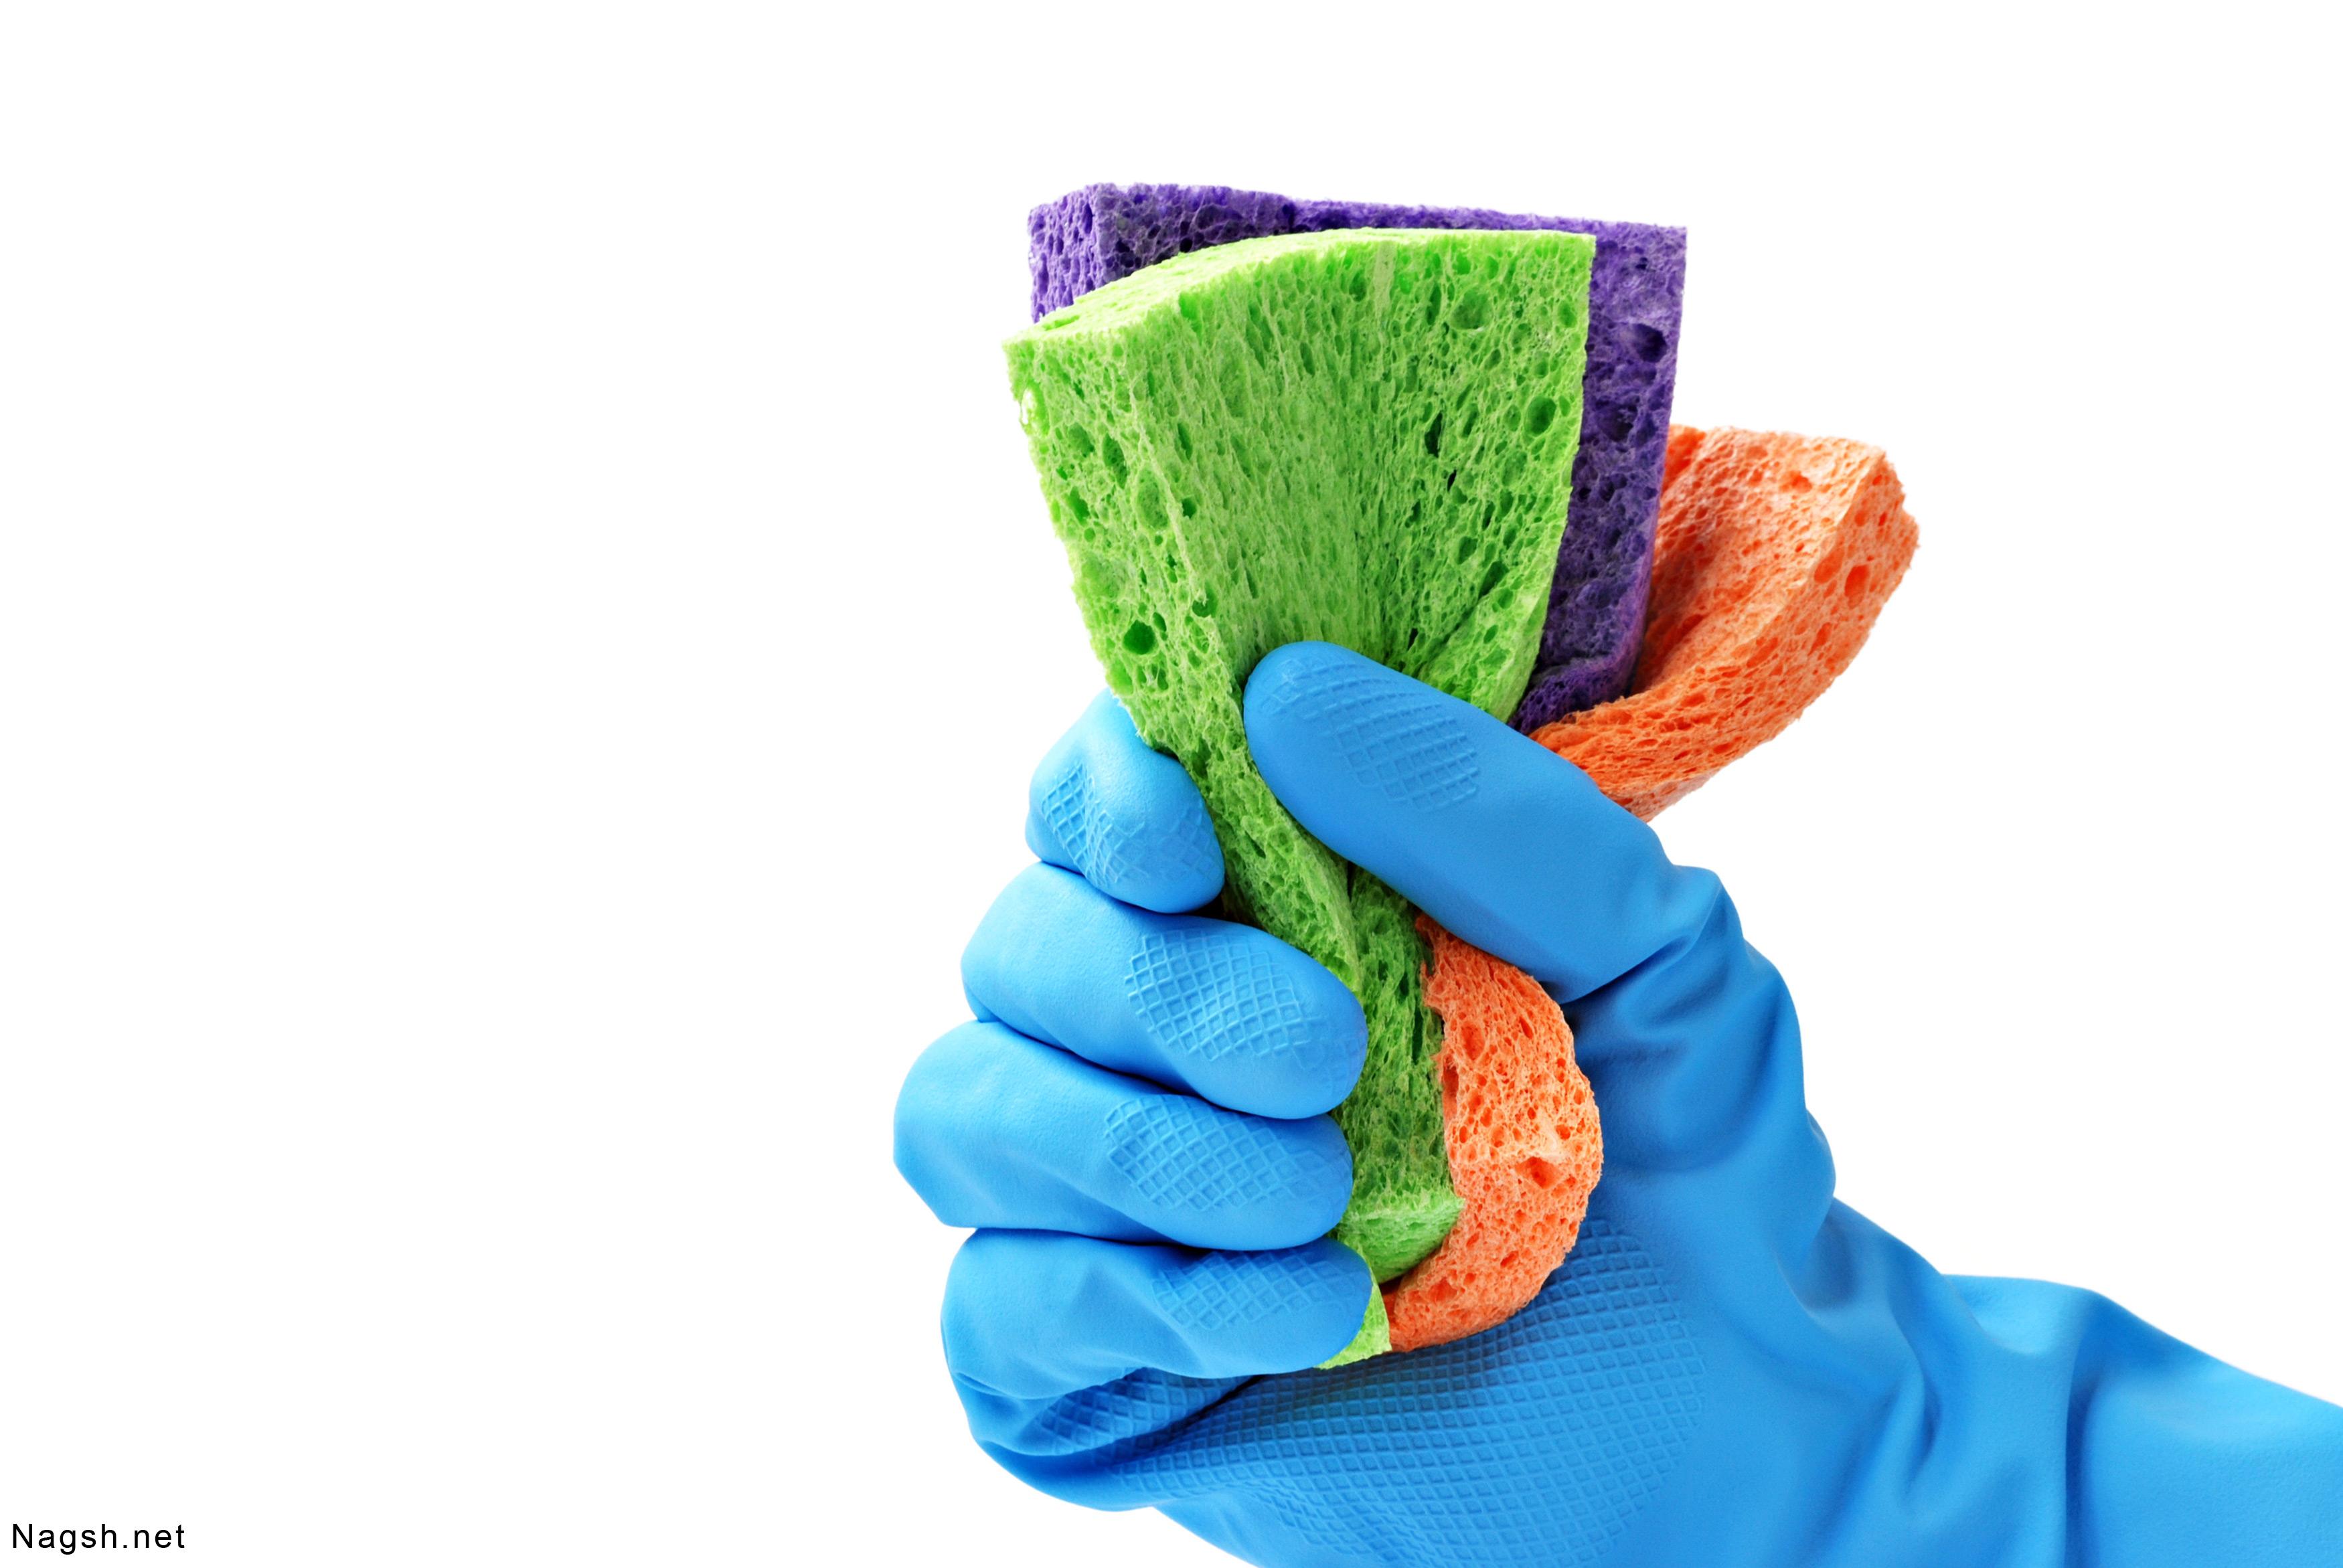 هرگز بدون دستکش ظرف هایتان را نشویید